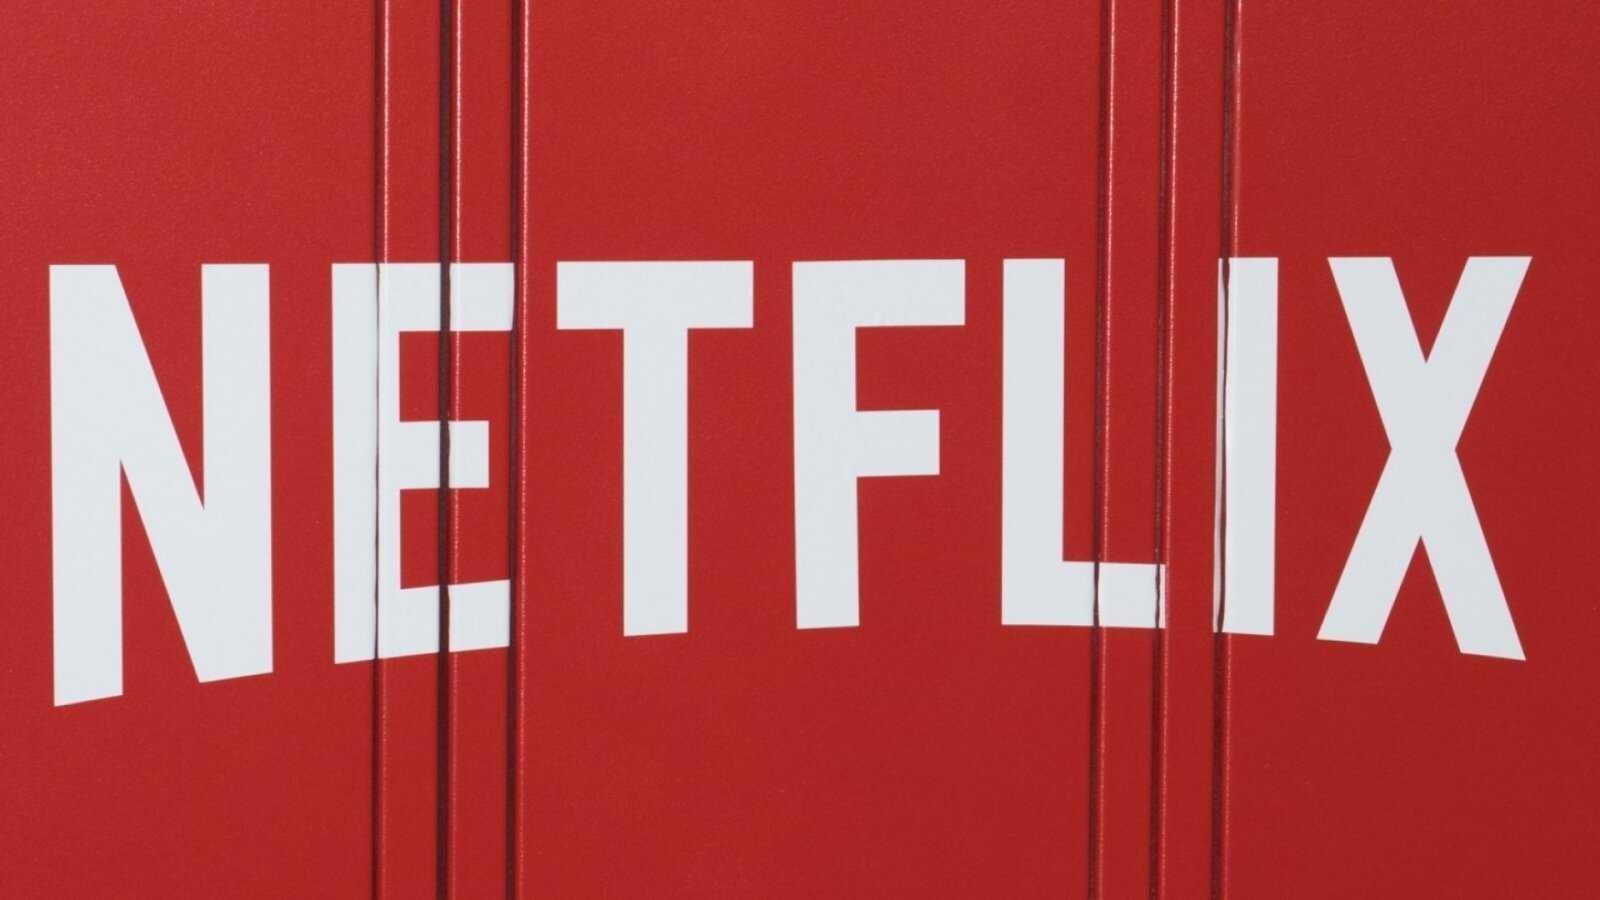 Vous pouvez configurer Netflix pour qu'il s'éteigne automatiquement après une certaine période de temps